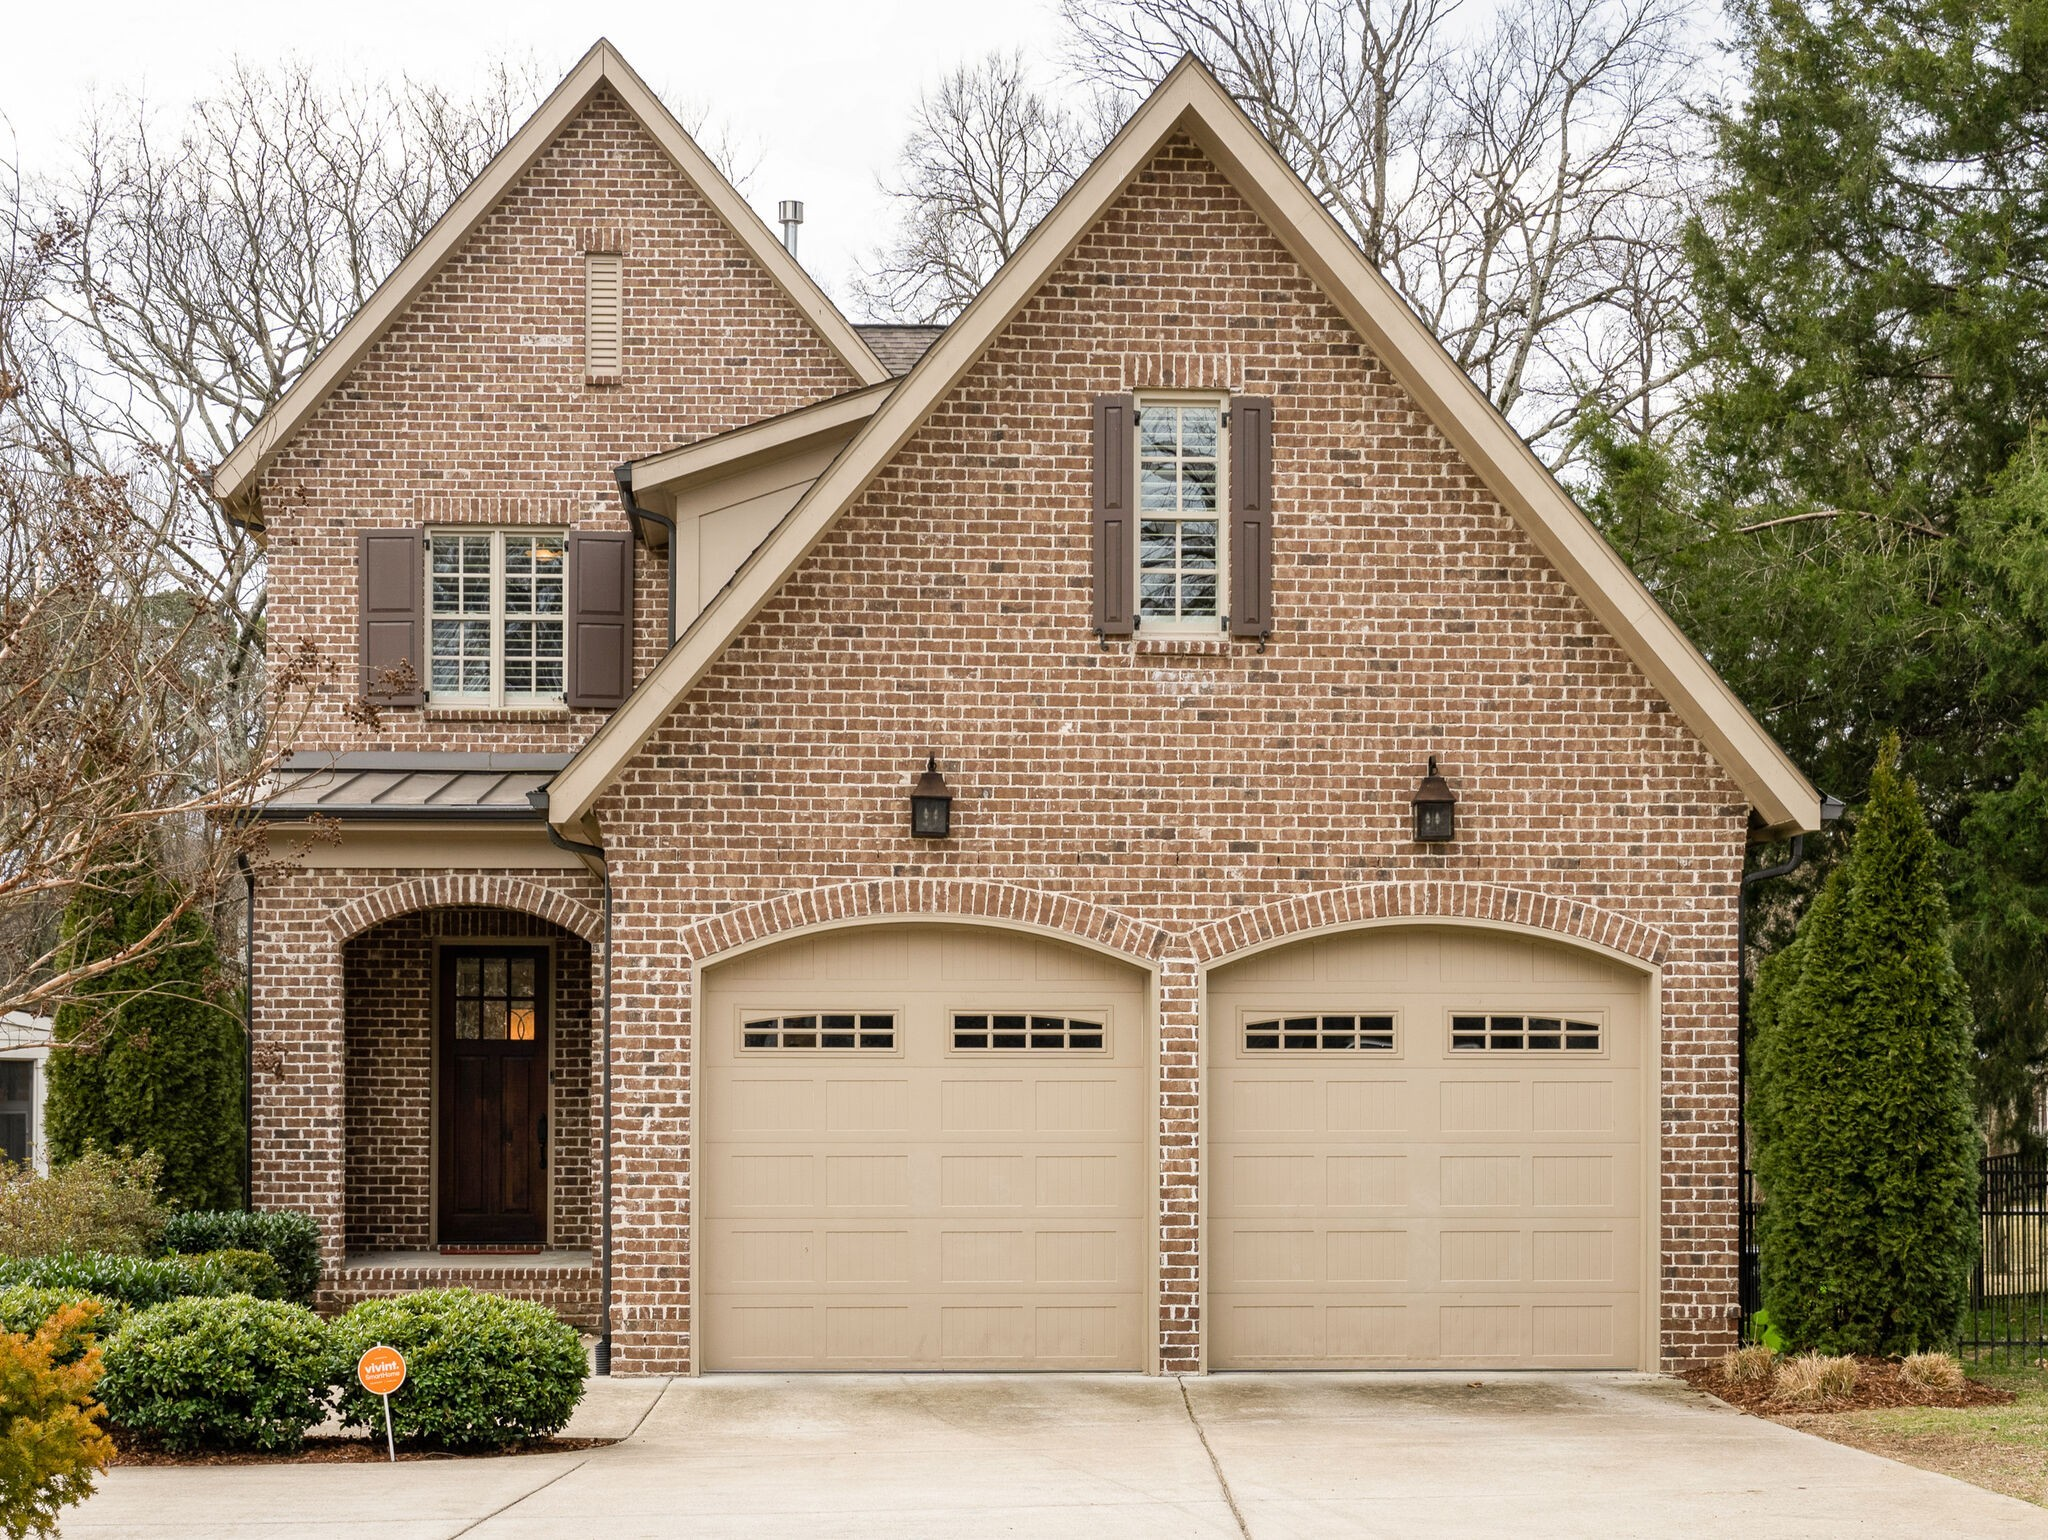 1141 Duncanwood Dr Property Photo - Nashville, TN real estate listing